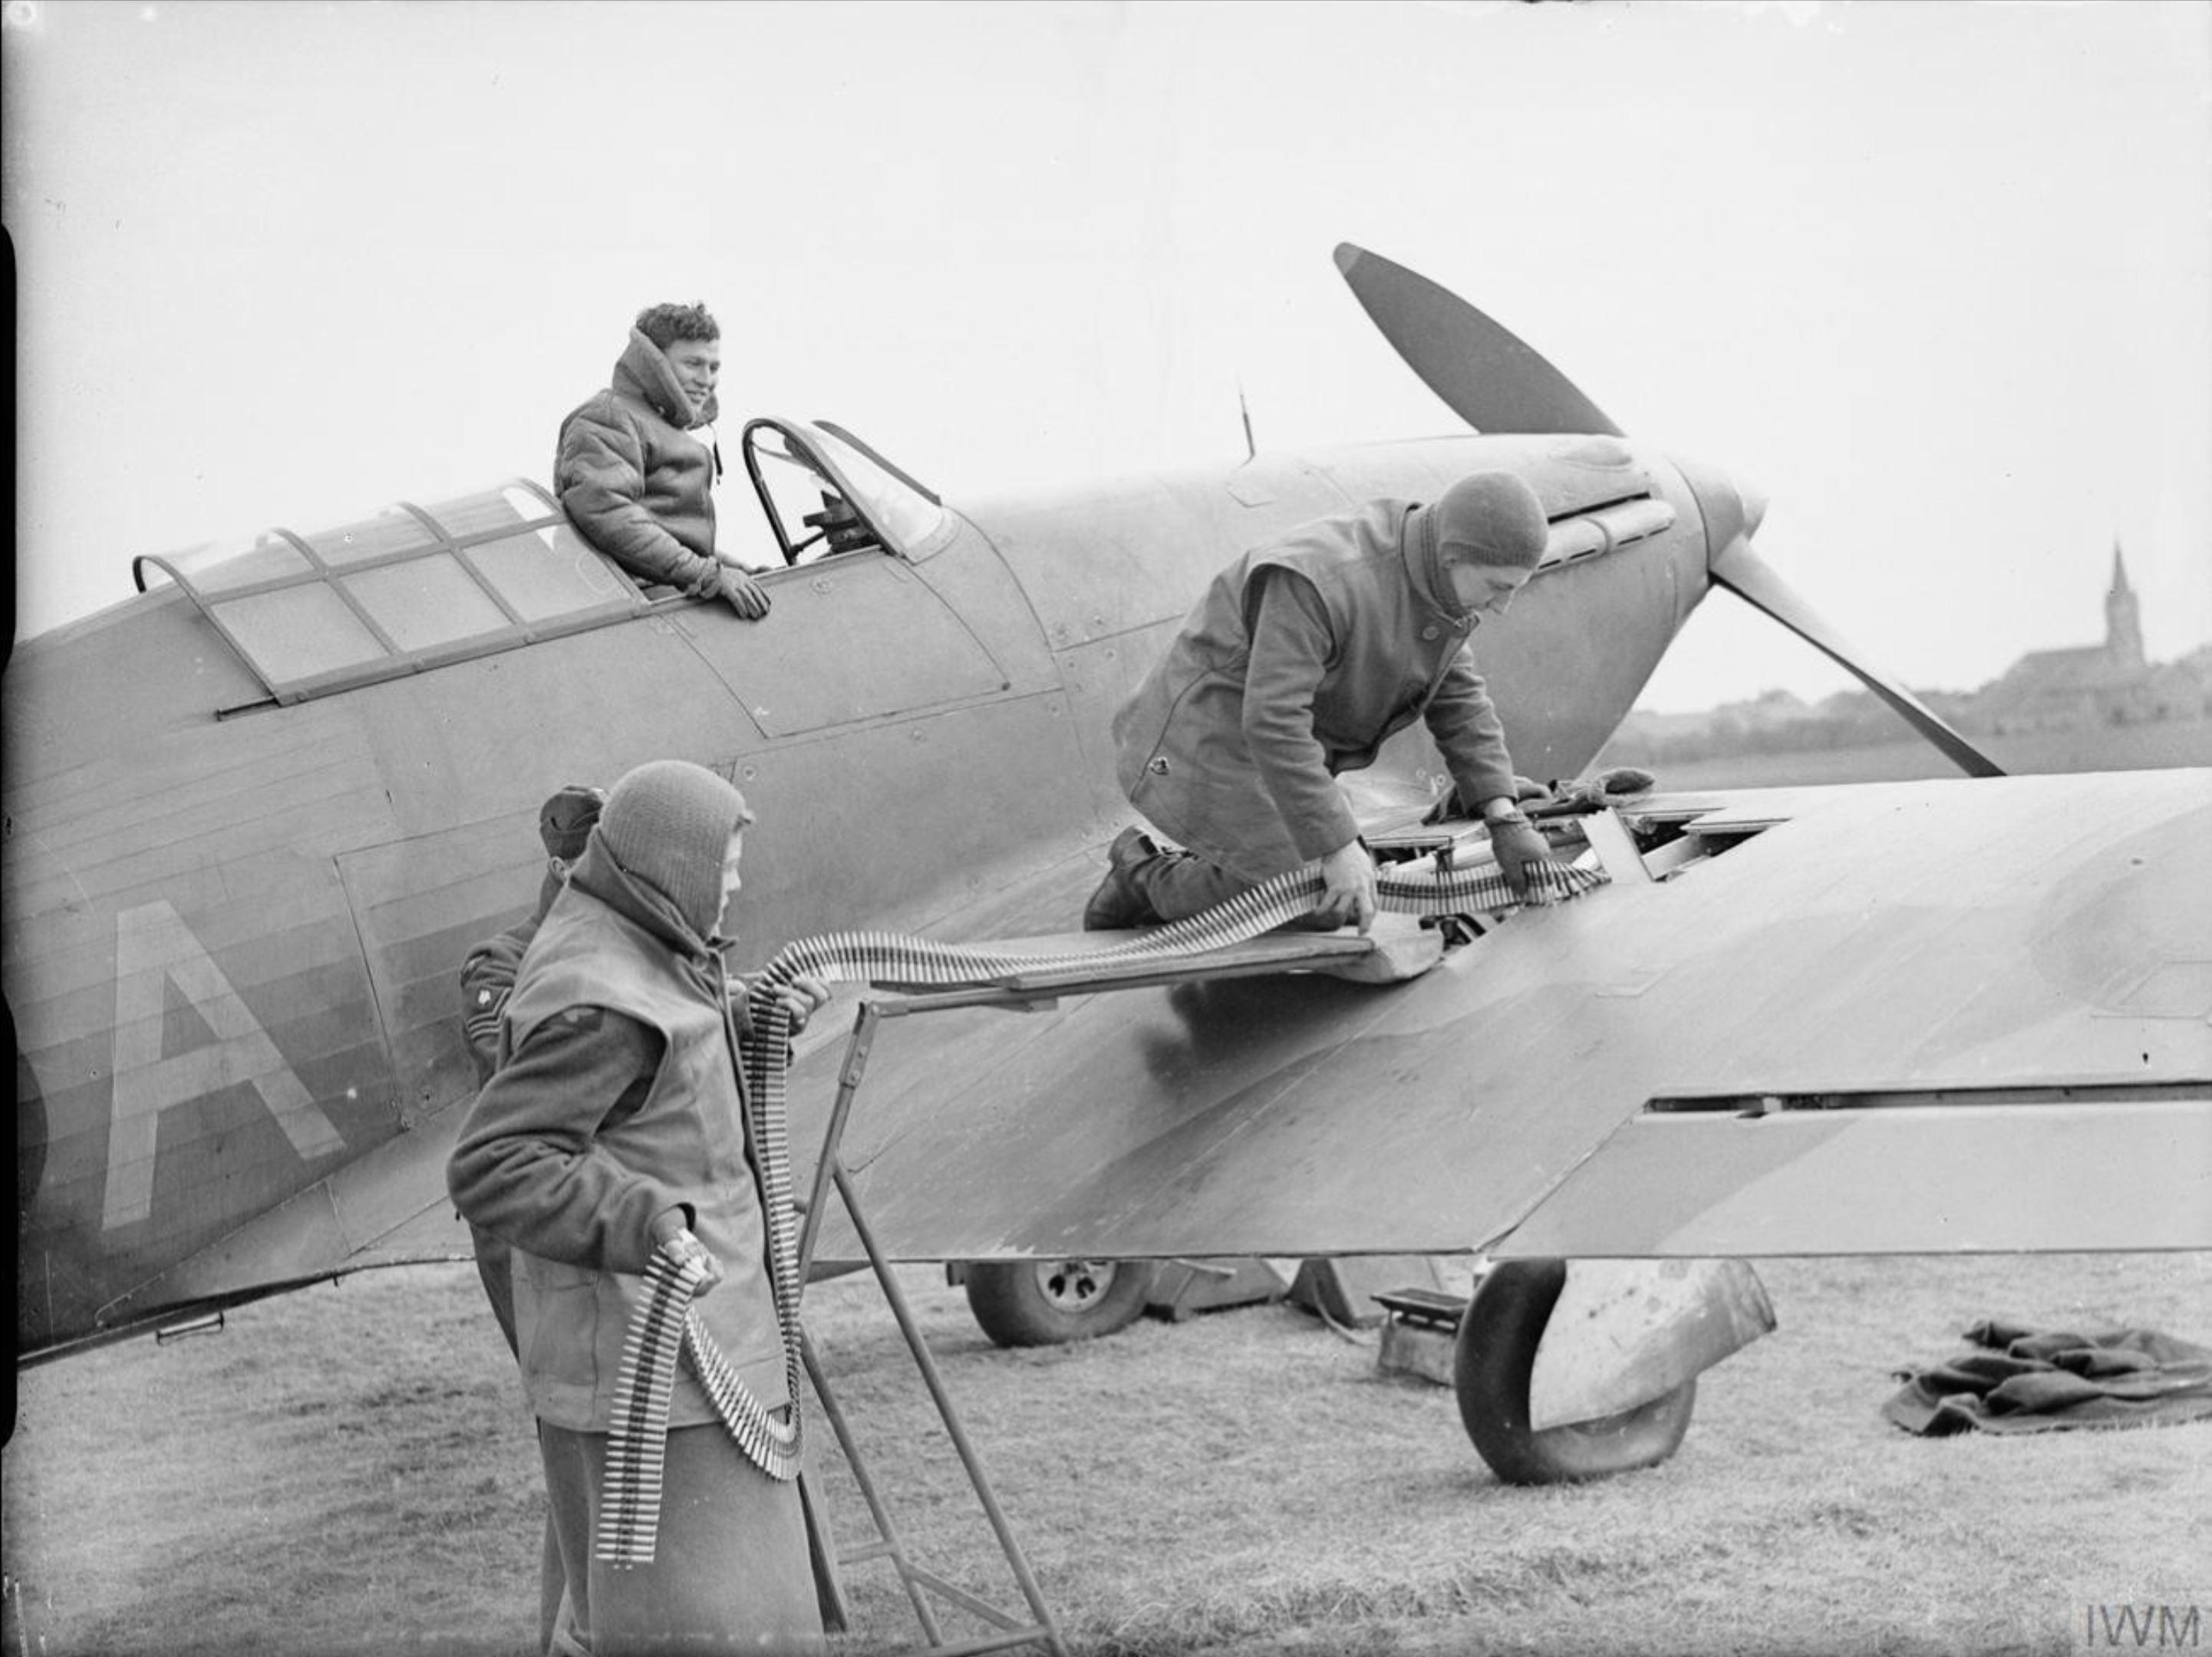 Hurricane I based in France 1939 IWM C737